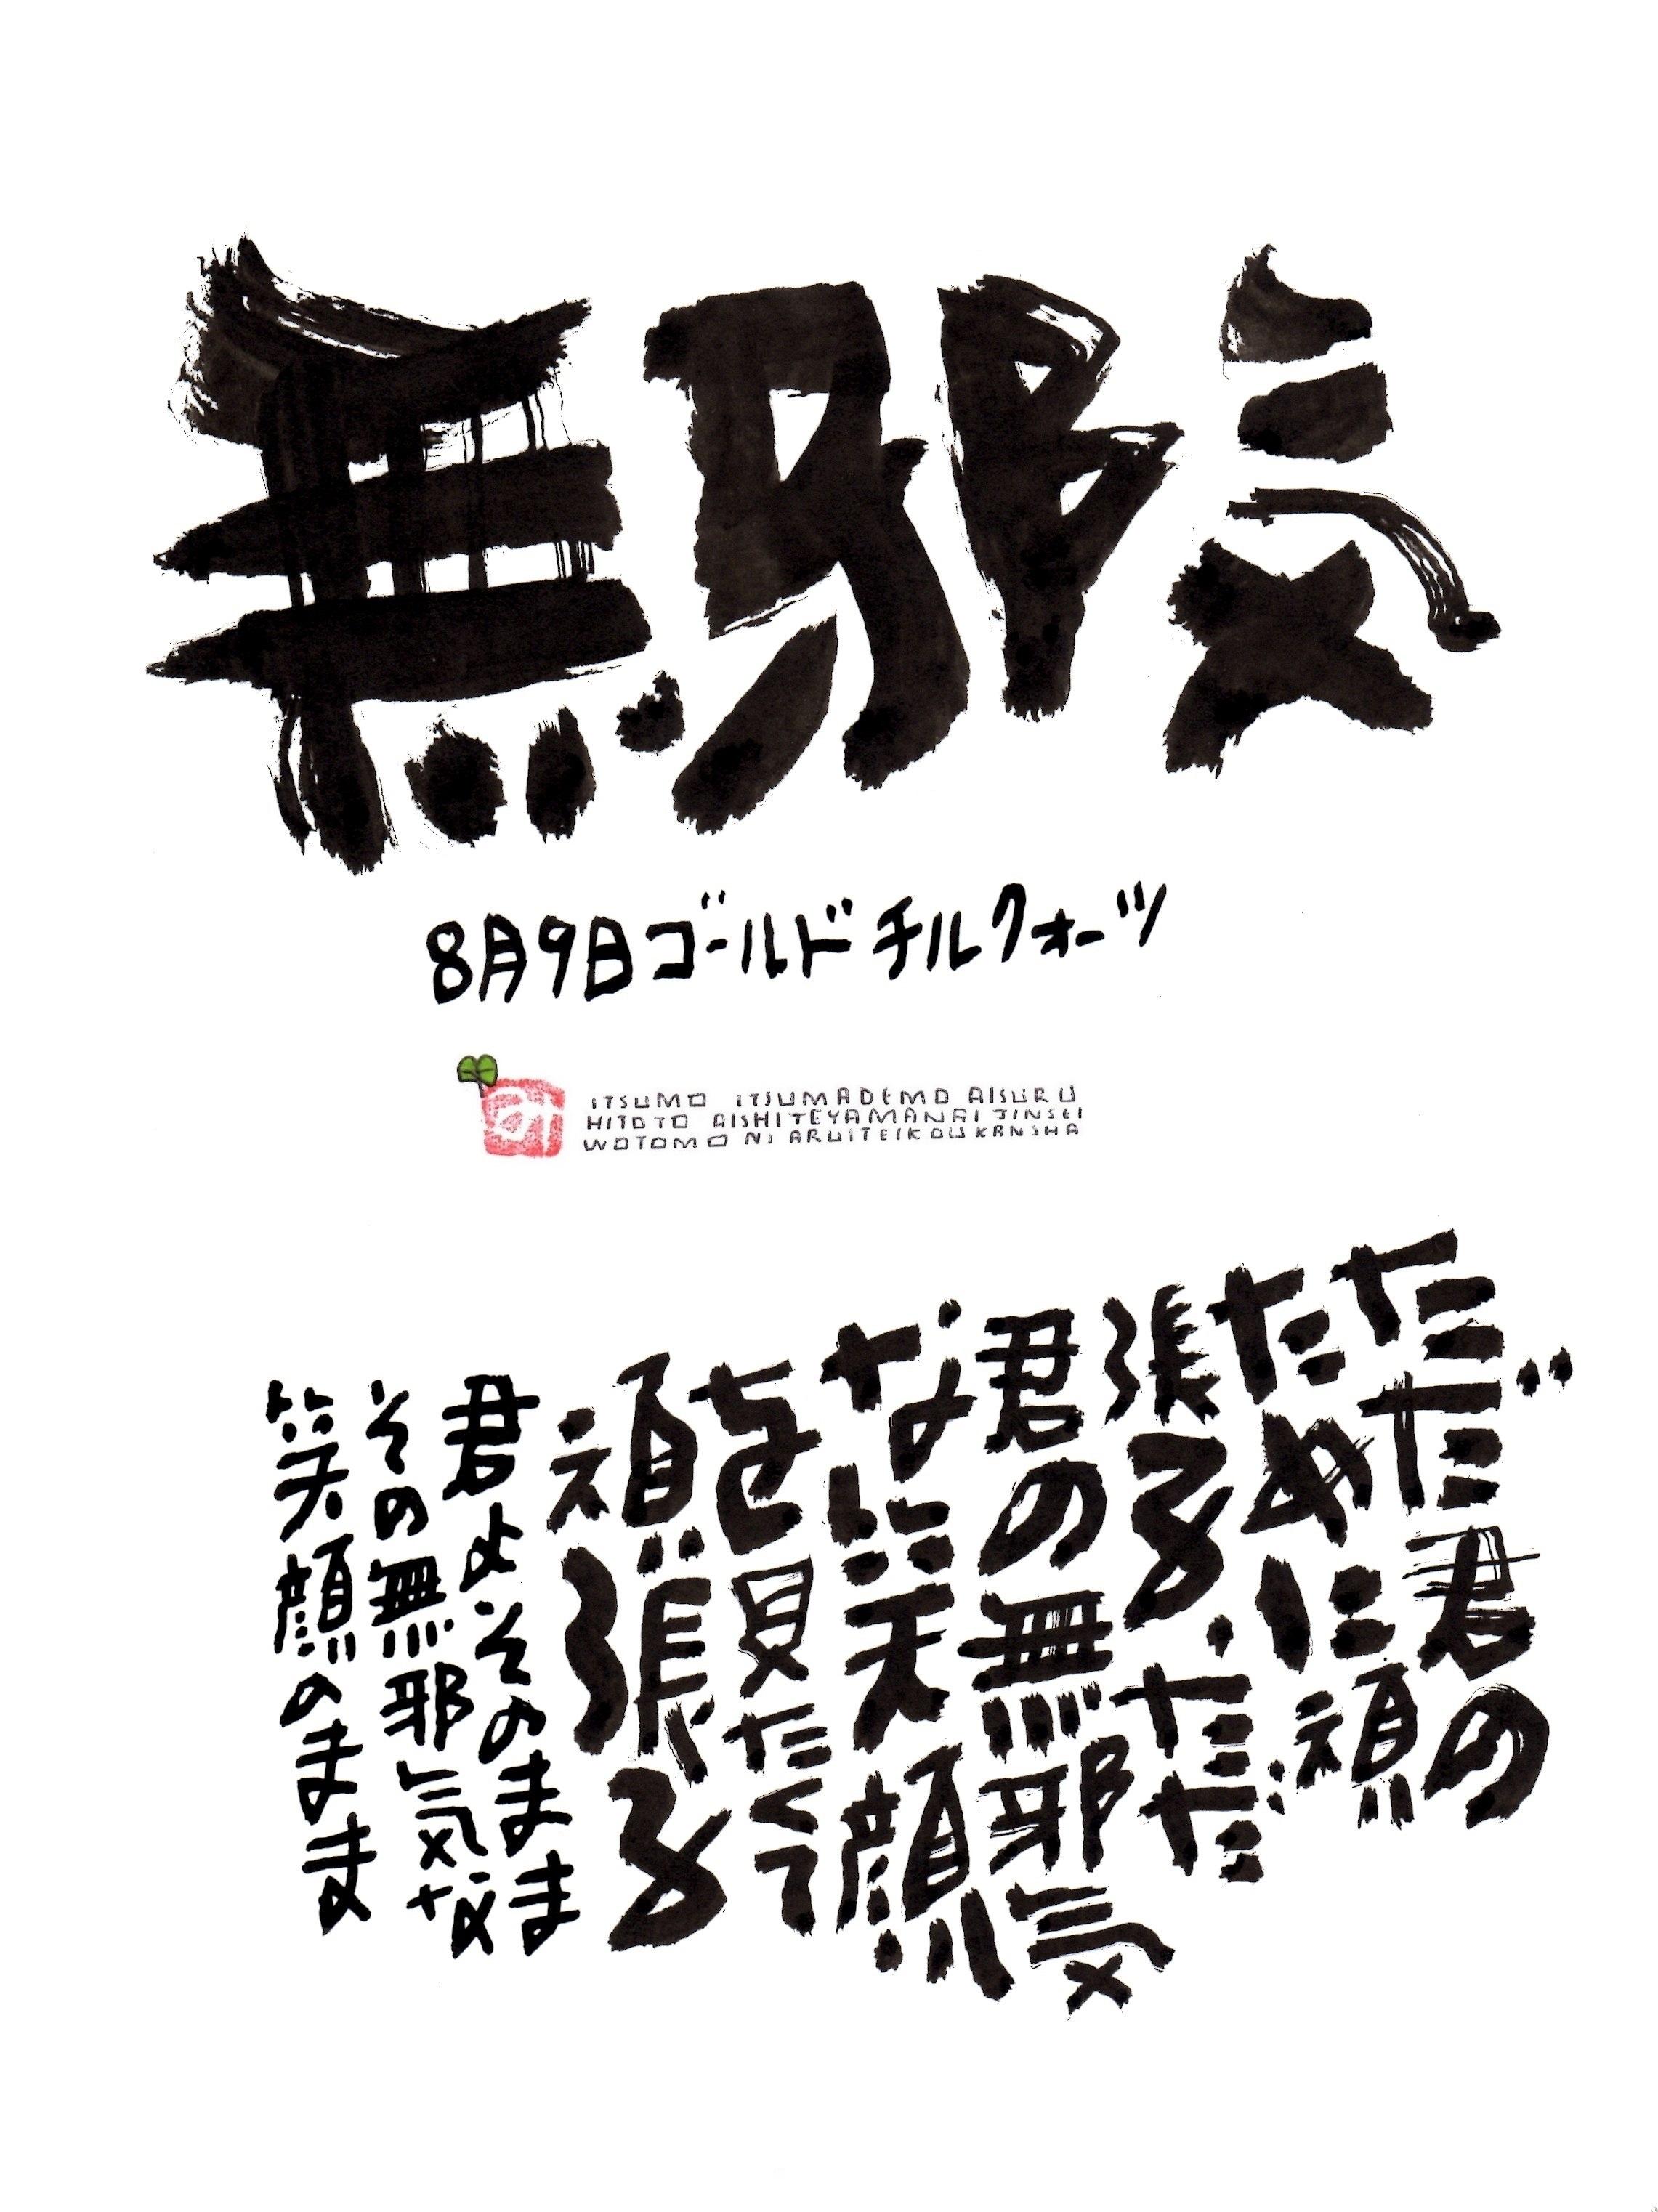 8月9日 結婚記念日ポストカード【無邪気】